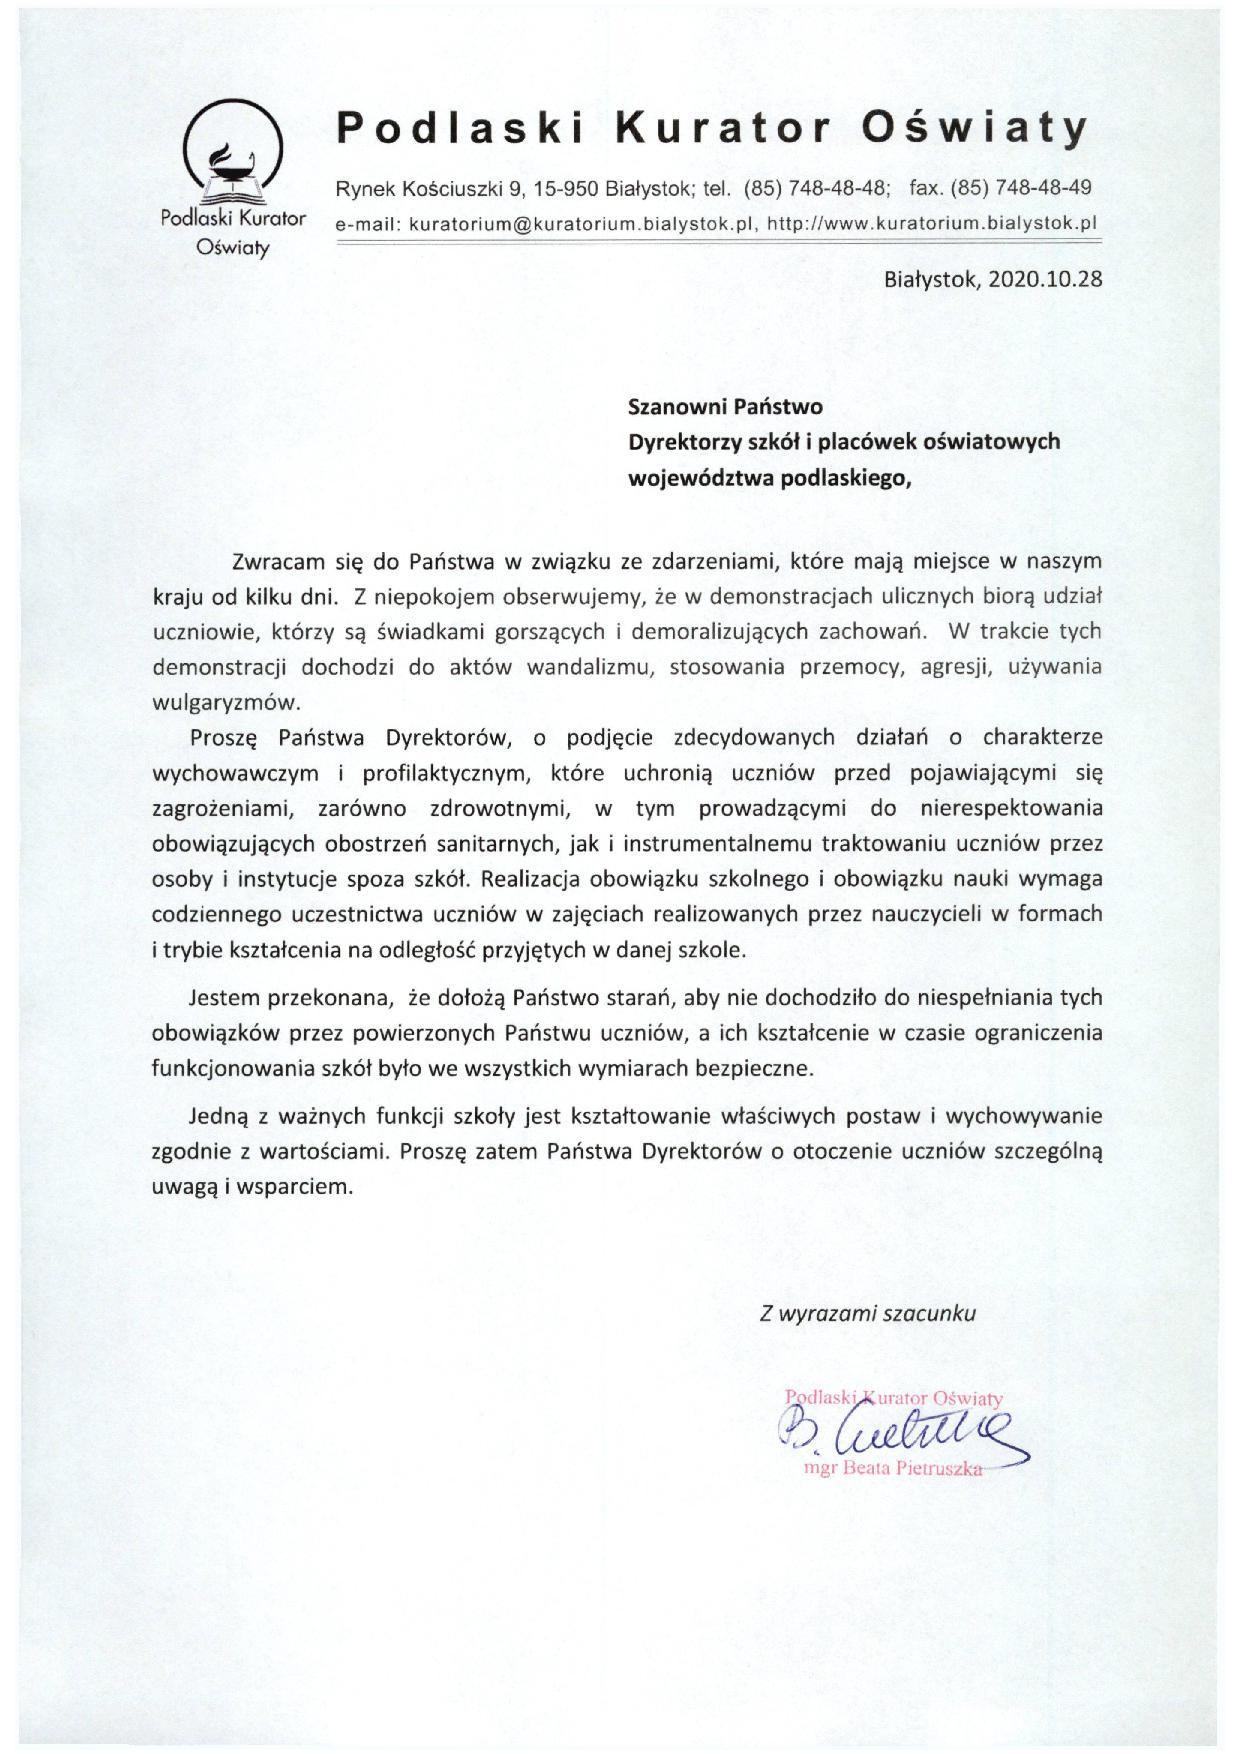 List do dyrektorów szkół i placówek oświatowych województwa podlaskiego